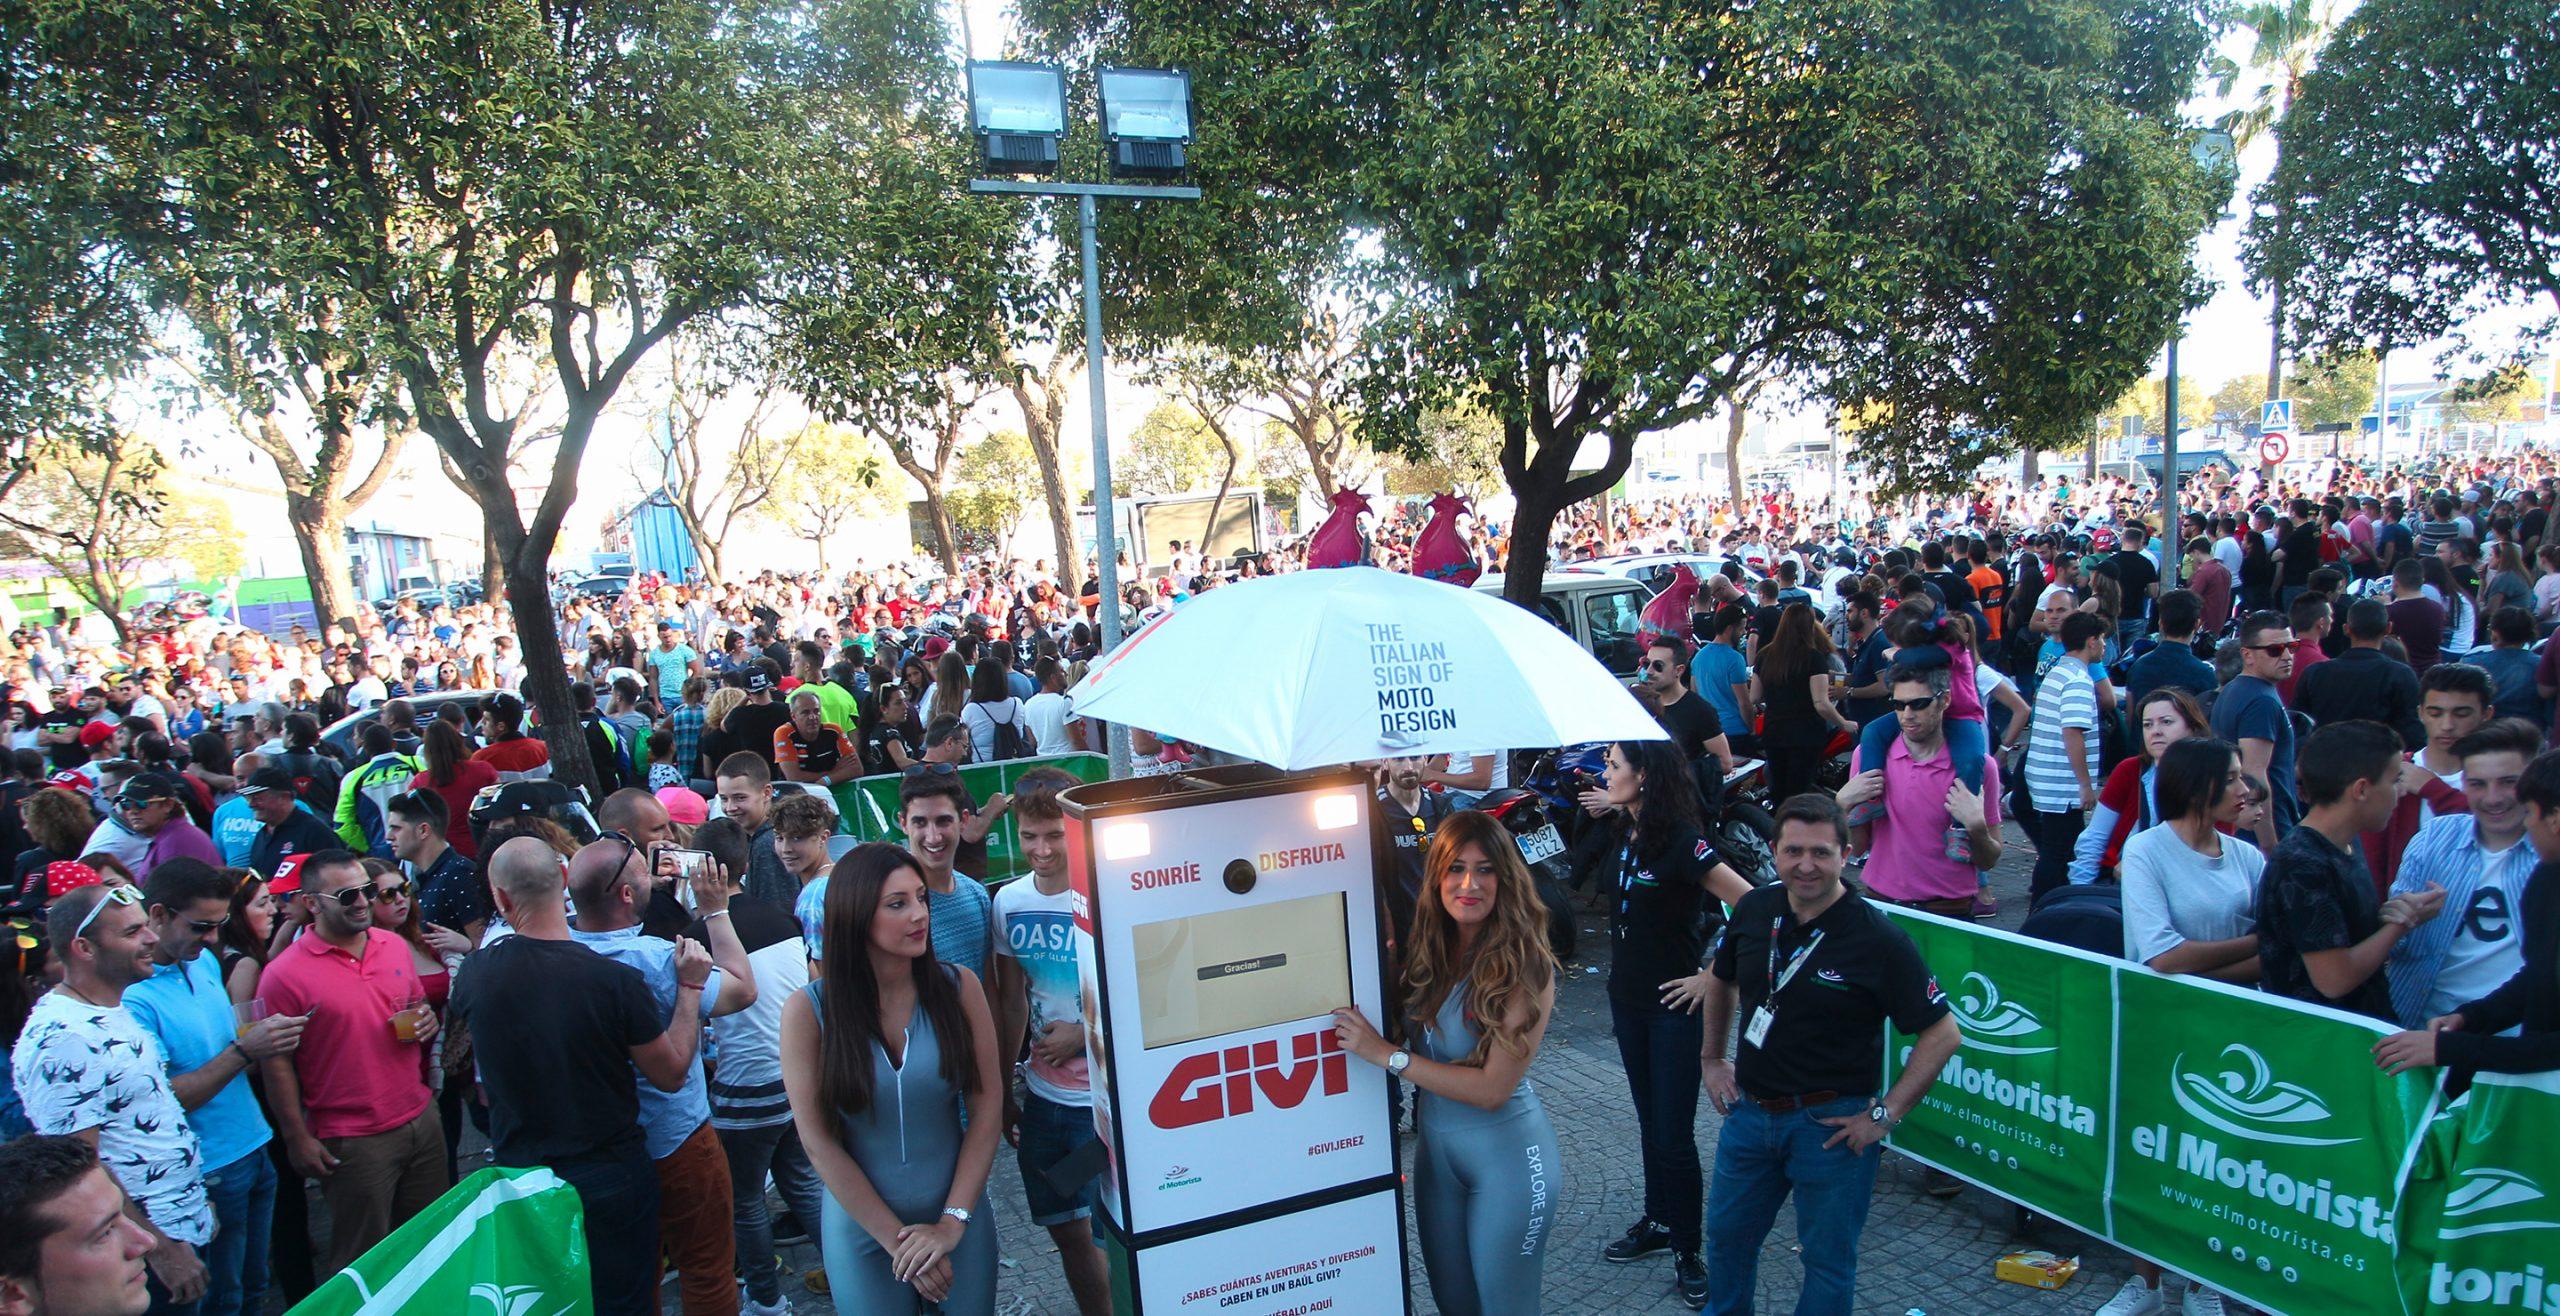 Fotomatón GIVI para accón de marketing de guerrilla durante la celebración del Gran Premio de Motociclismo de Jerez 2015